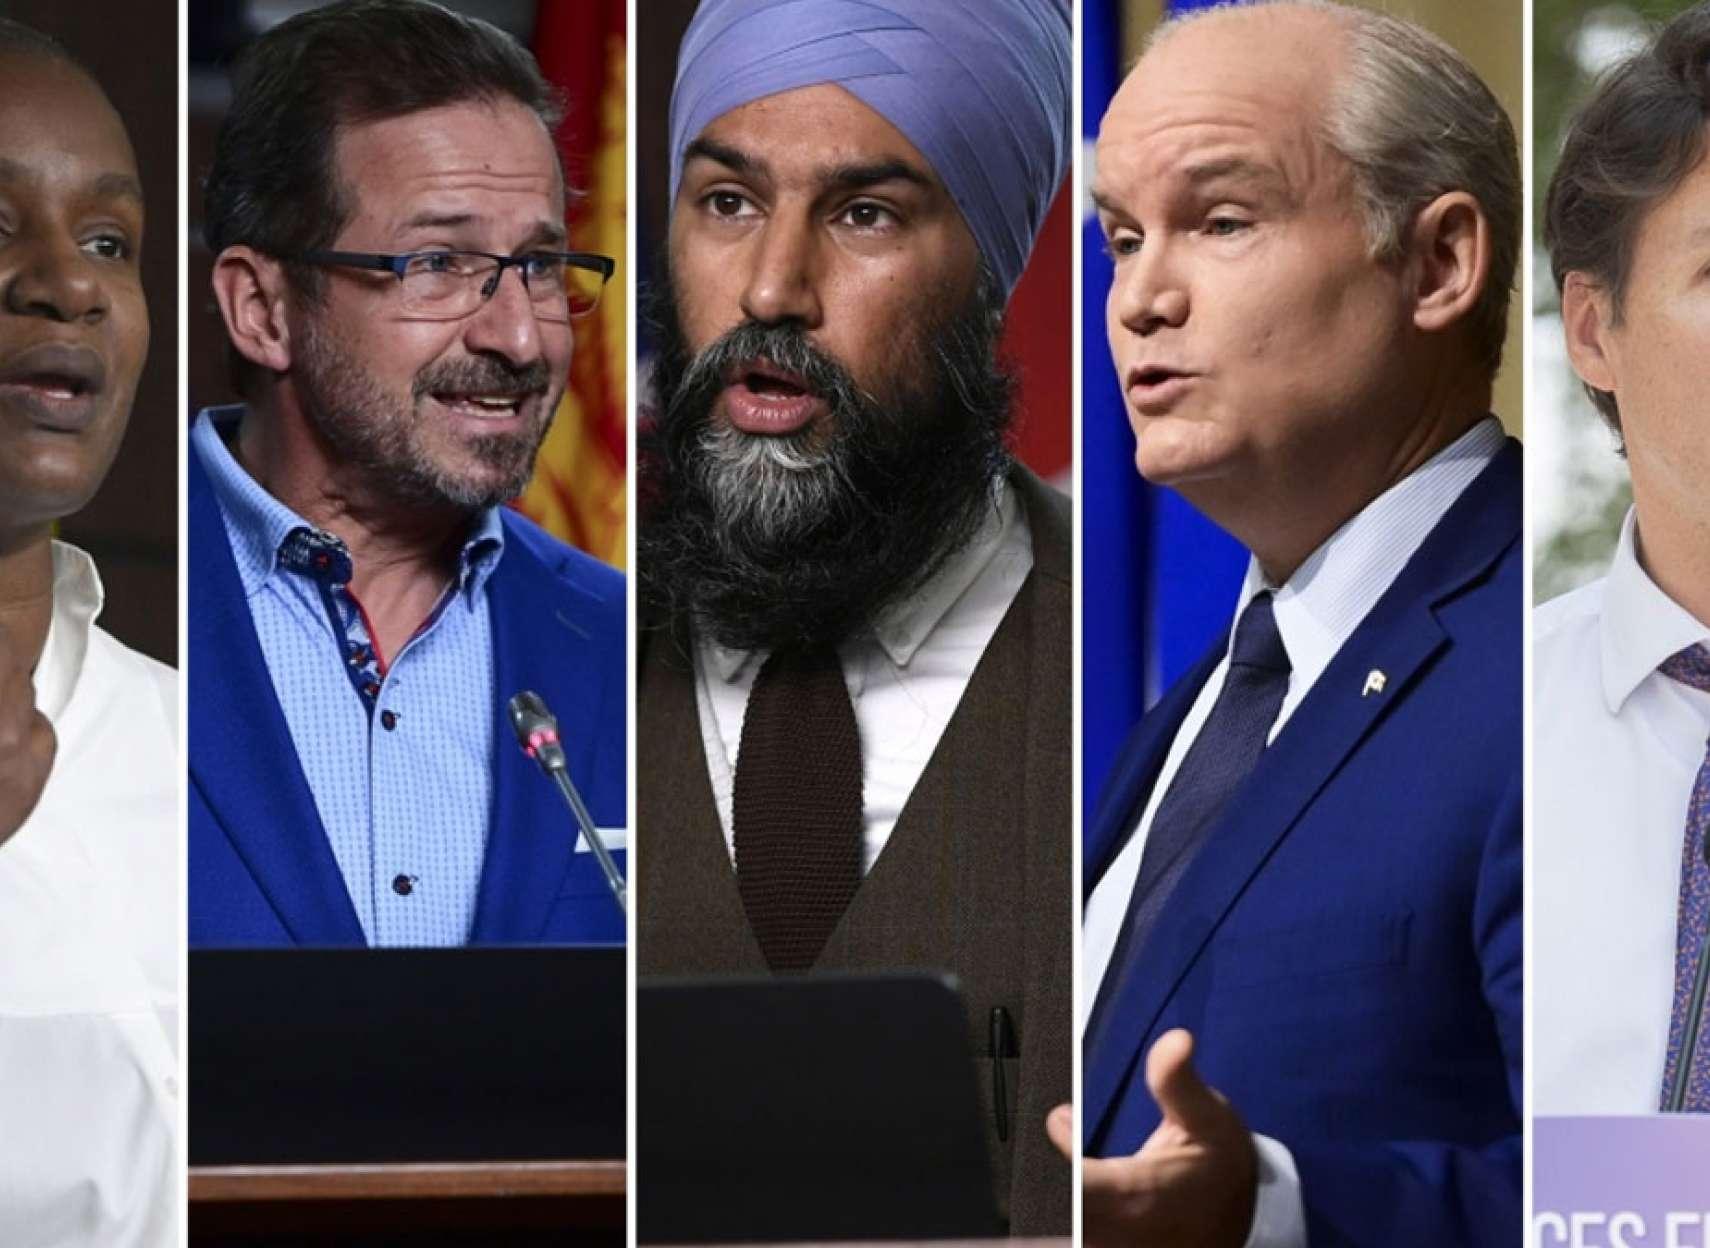 خبر-کانادا-پاسخ-همه-سوالات-و-هر-آنچه-که-باید-درباره-انتخابات-فدرال-۲۰۲۱-بدانید-اینجاست